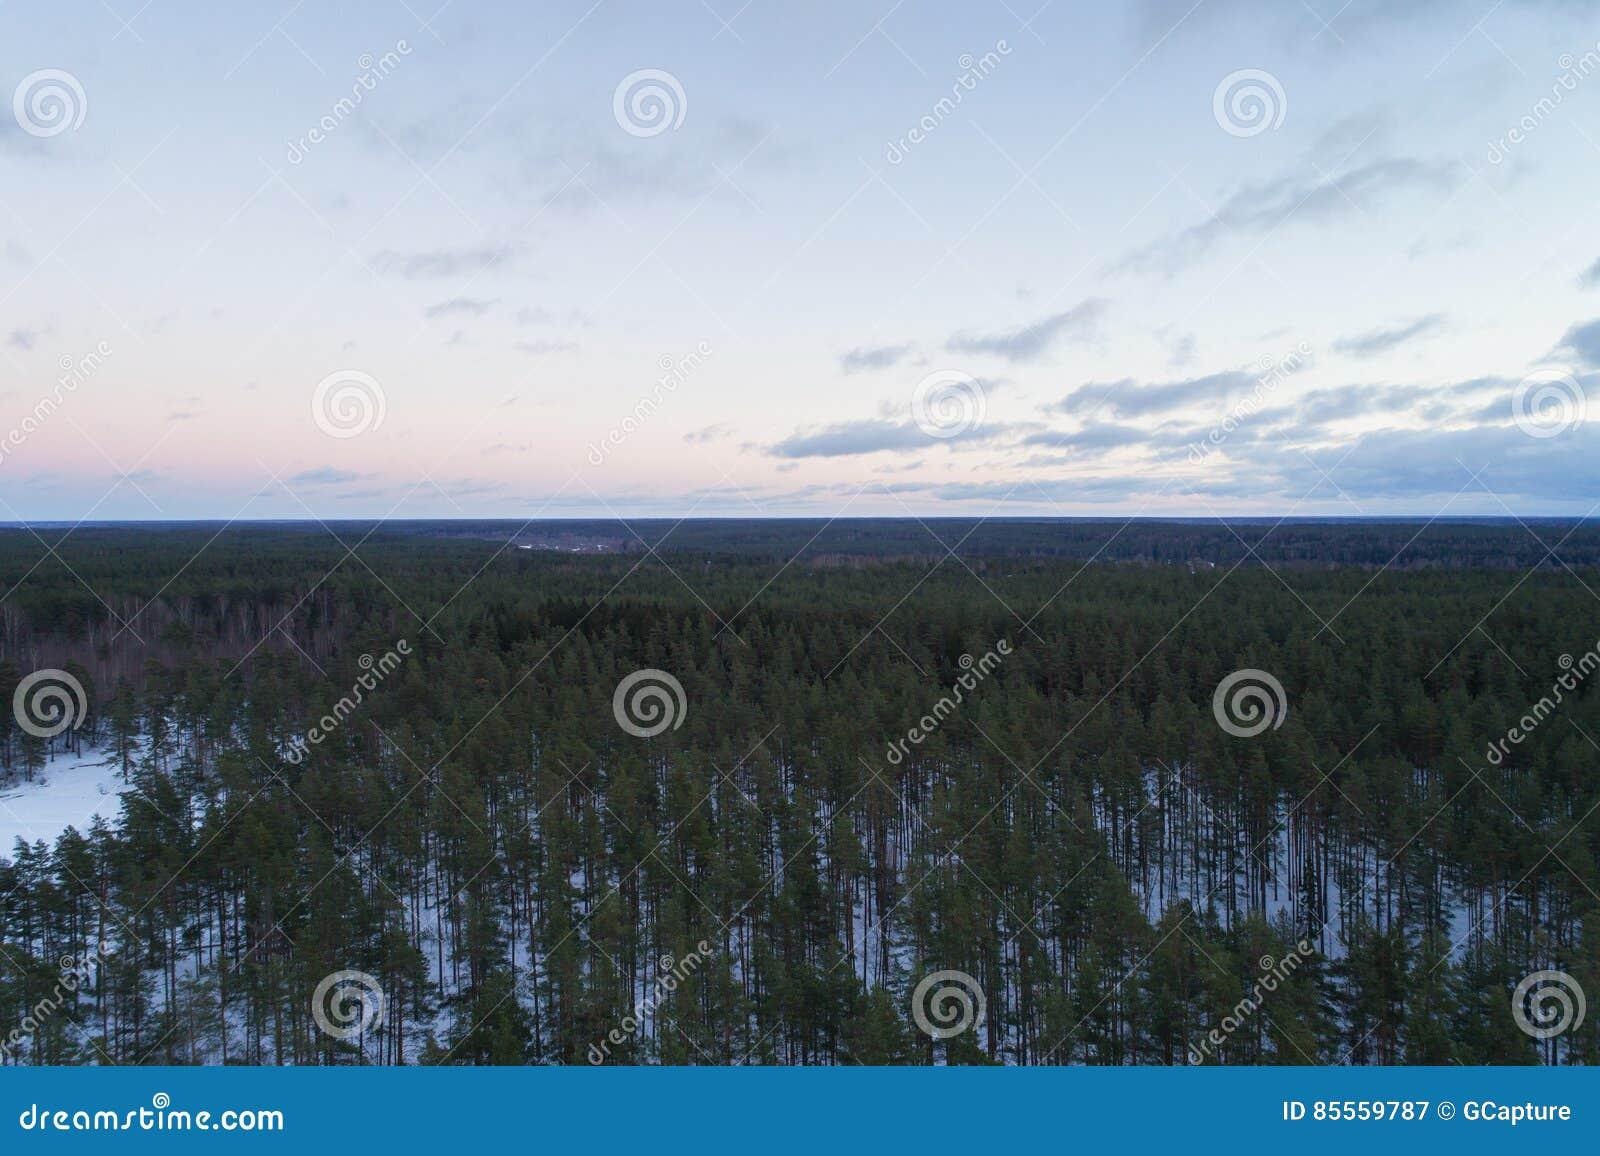 Luftaufstiegsflug über Winterkiefernwald am dunklen Abend nach Sonnenuntergang